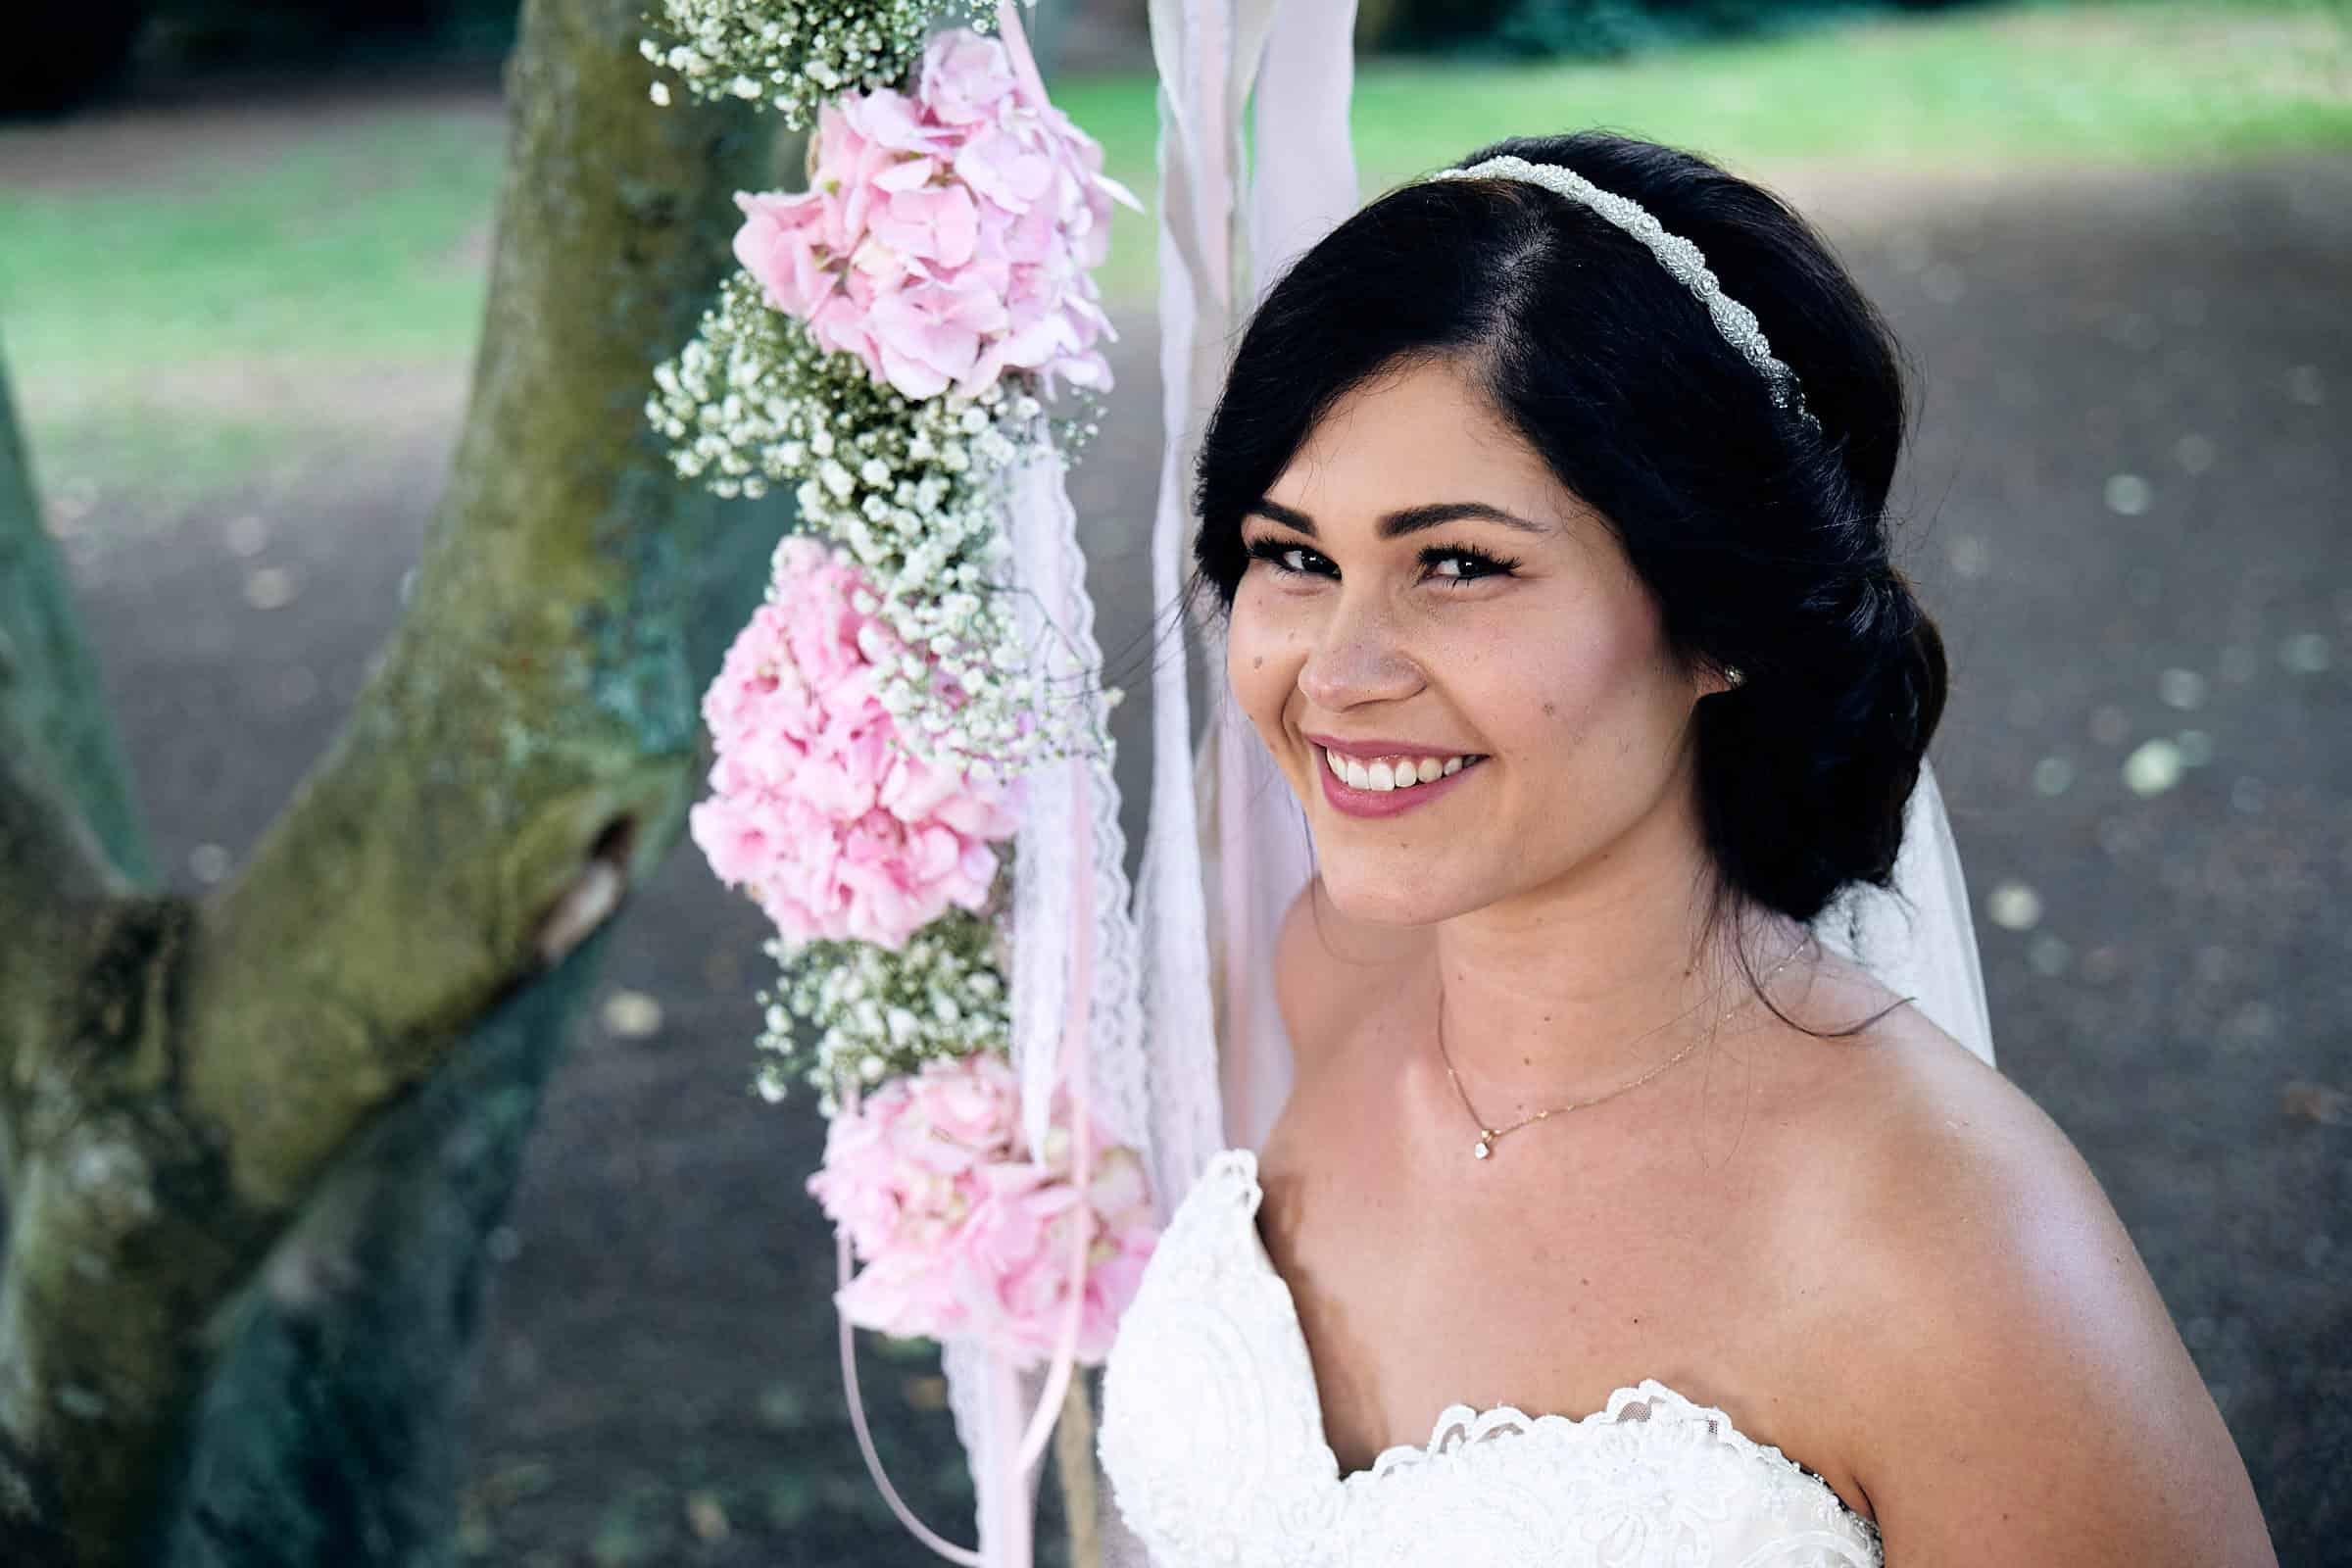 Hochzeit im Ketschauer Hof-Eine traumhaft schöne Braut sitzt im Garten des Ketschauer Hofs in Deidesheim, auf einer Blumenschaukel.